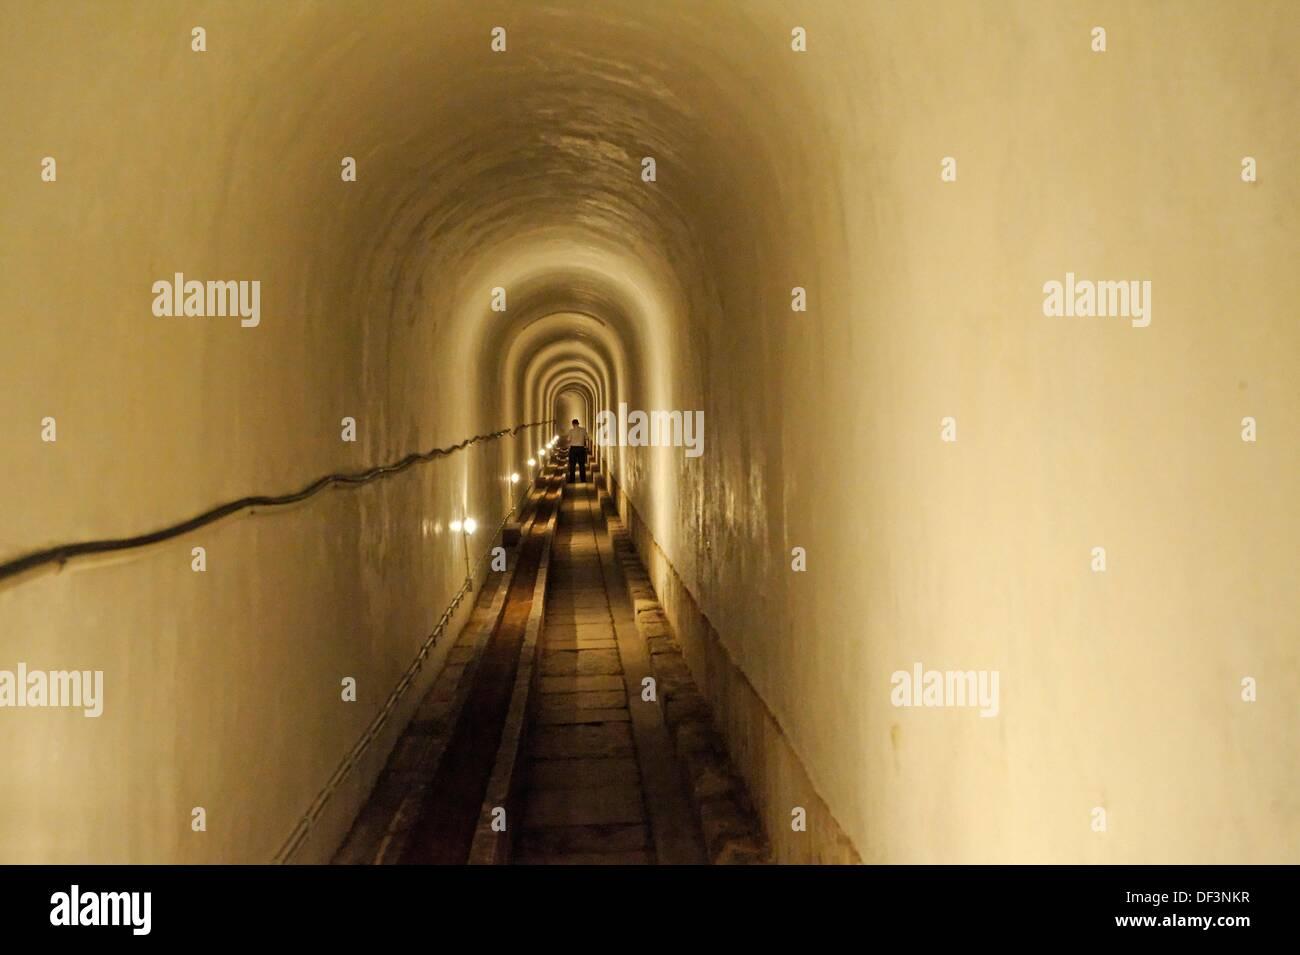 Die Loreto-Galerie mit einer Gesamtfläche von 2835 m vorgesehen Wasser von Aguas Livres Aquädukt an mehreren großen Brunnen. Stadt der Stockbild